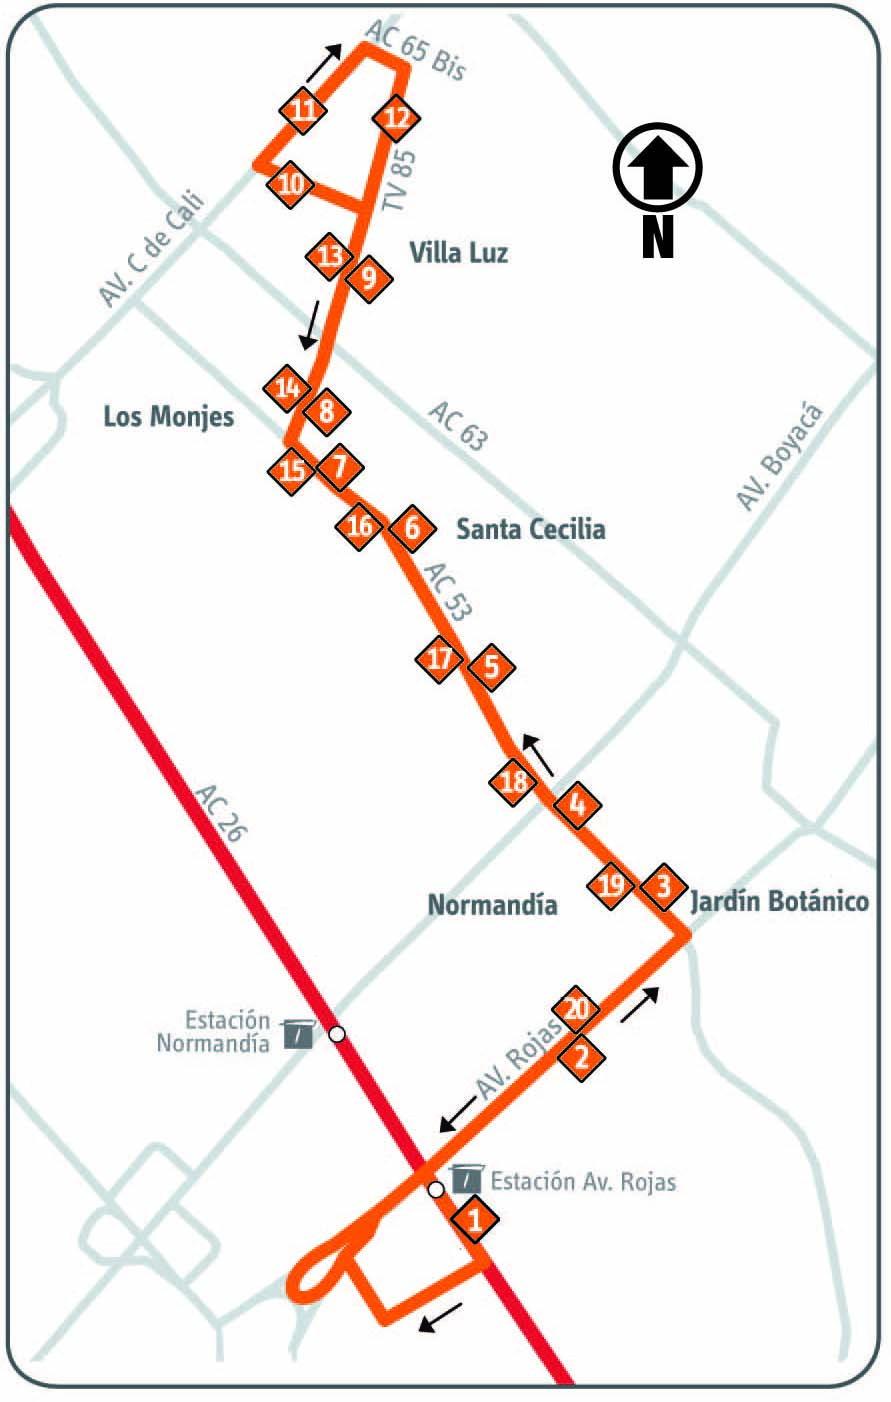 Ruta SITP: 17-1 Villa Luz [Complementaria] 1